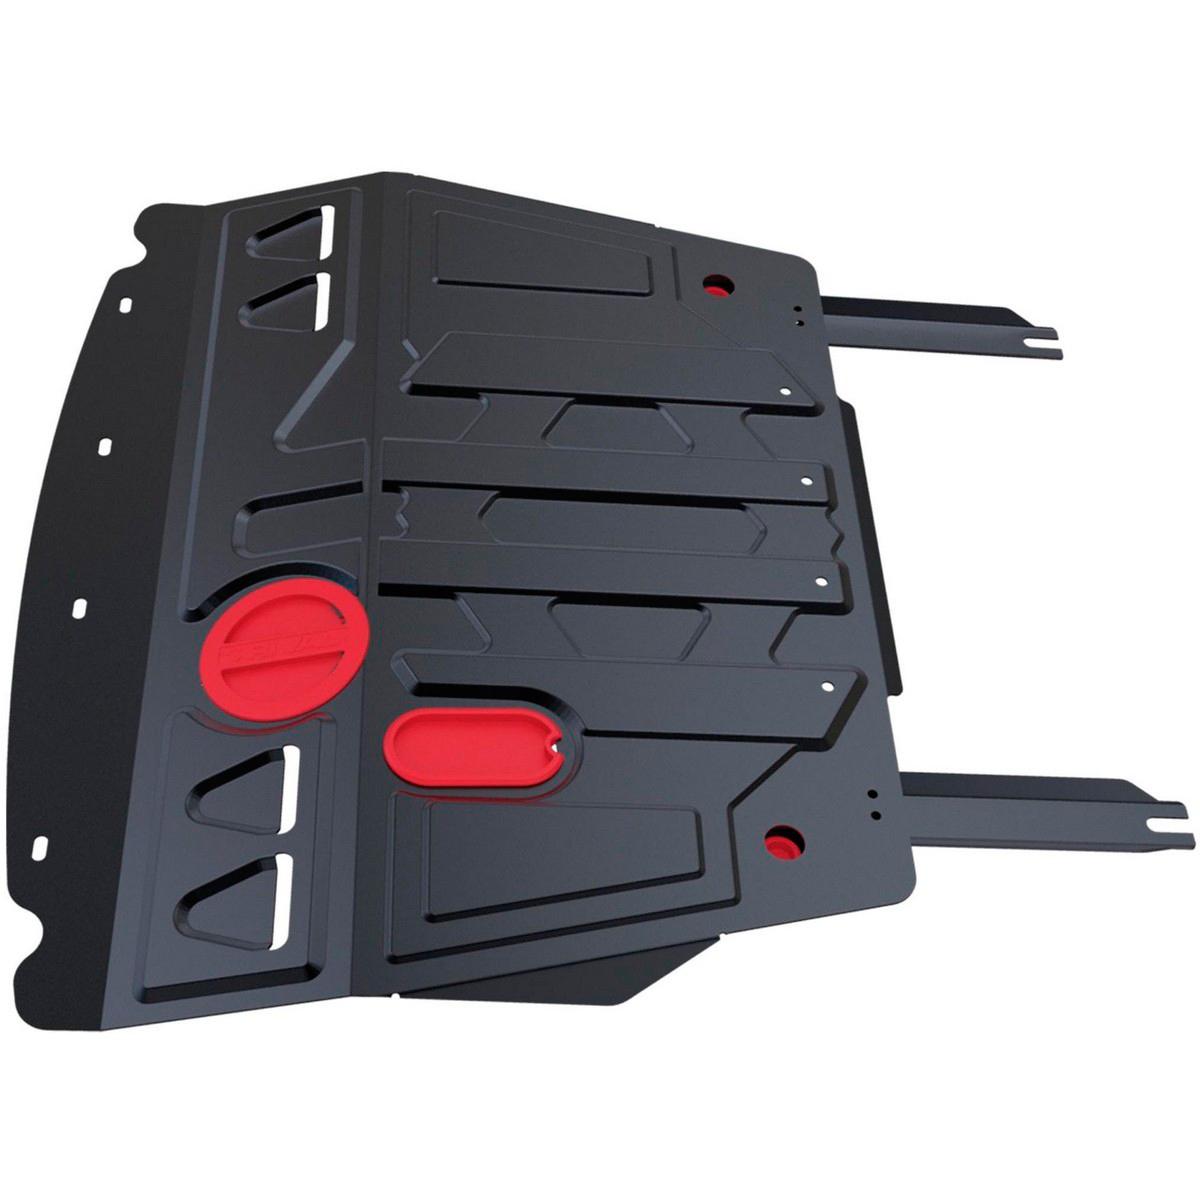 Защита картера и КПП Автоброня FAW V5 2012-, сталь 2 мм111.08006.1Защита картера и КПП Автоброня FAW V5 МКПП, V-1,5 2012-, сталь 2 мм, комплект крепежа, 111.08006.1Стальные защиты Автоброня надежно защищают ваш автомобиль от повреждений при наезде на бордюры, выступающие канализационные люки, кромки поврежденного асфальта или при ремонте дорог, не говоря уже о загородных дорогах. - Имеют оптимальное соотношение цена-качество. - Спроектированы с учетом особенностей автомобиля, что делает установку удобной. - Защита устанавливается в штатные места кузова автомобиля. - Является надежной защитой для важных элементов на протяжении долгих лет. - Глубокий штамп дополнительно усиливает конструкцию защиты. - Подштамповка в местах крепления защищает крепеж от срезания. - Технологические отверстия там, где они необходимы для смены масла и слива воды, оборудованные заглушками, закрепленными на защите. Толщина стали 2 мм. В комплекте крепеж и инструкция по установке.Уважаемые клиенты! Обращаем ваше внимание на тот факт, что защита имеет форму, соответствующую модели данного автомобиля. Наличие глубокого штампа и лючков для смены фильтров/масла предусмотрено не на всех защитах. Фото служит для визуального восприятия товара.